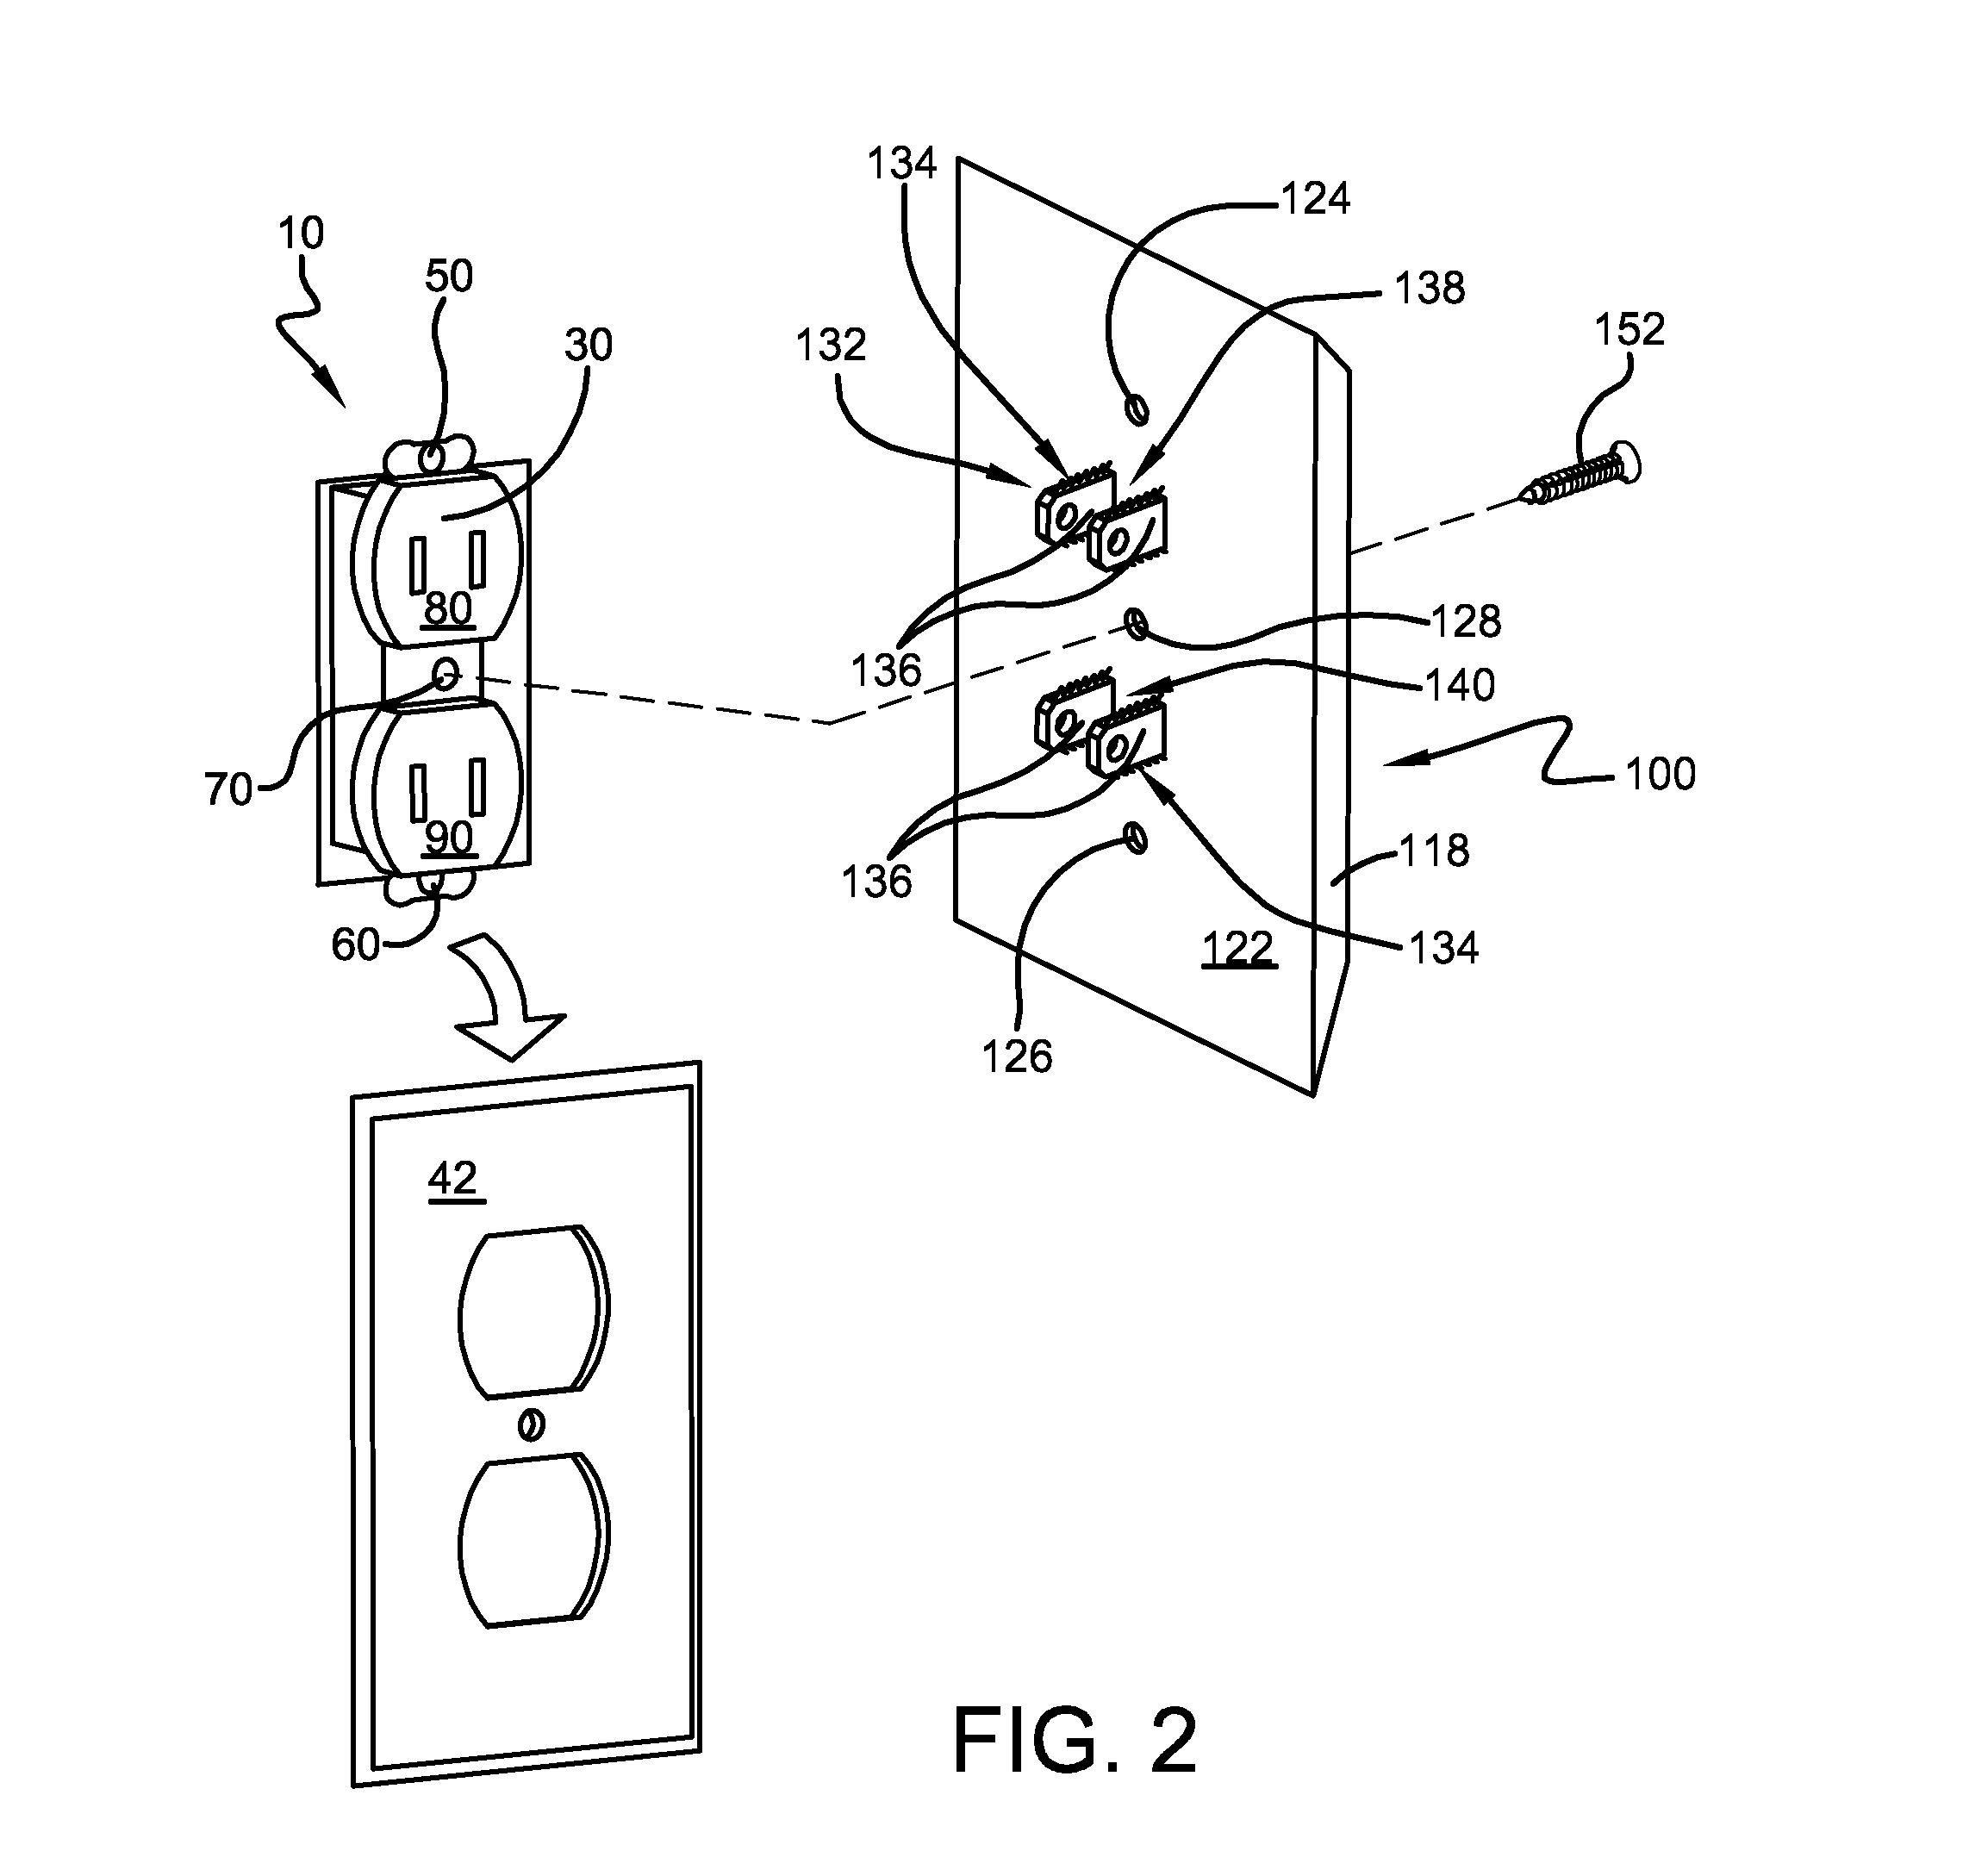 patent us20130052882